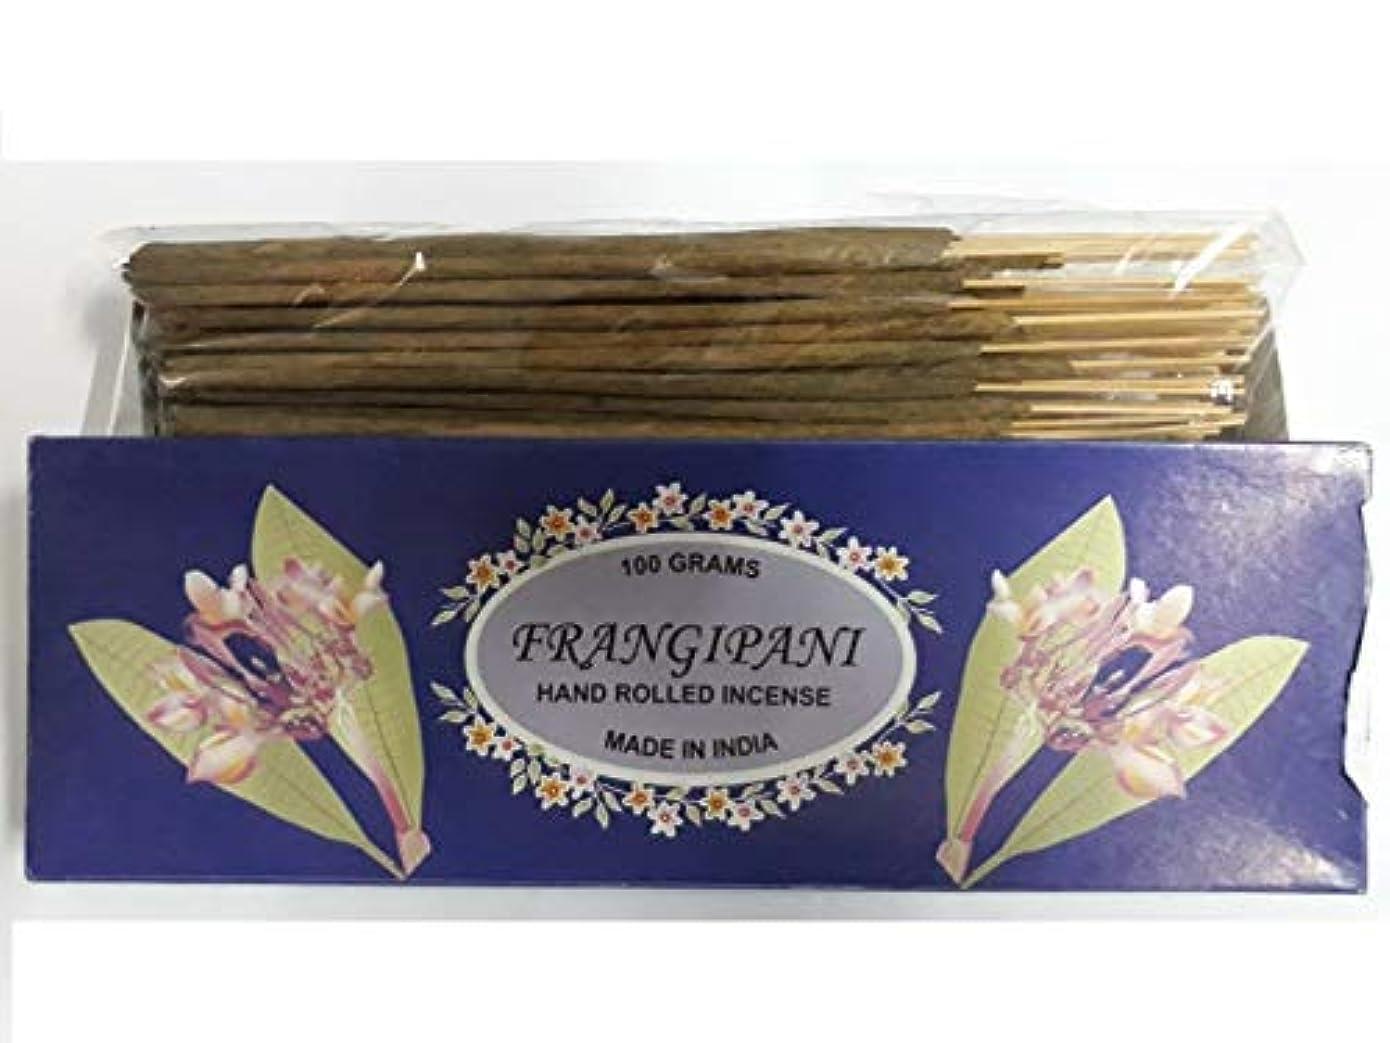 雑種練習したパシフィックFrangipani フランジパニ Agarbatti Incense Sticks 線香 100 grams Hand Rolled Incense